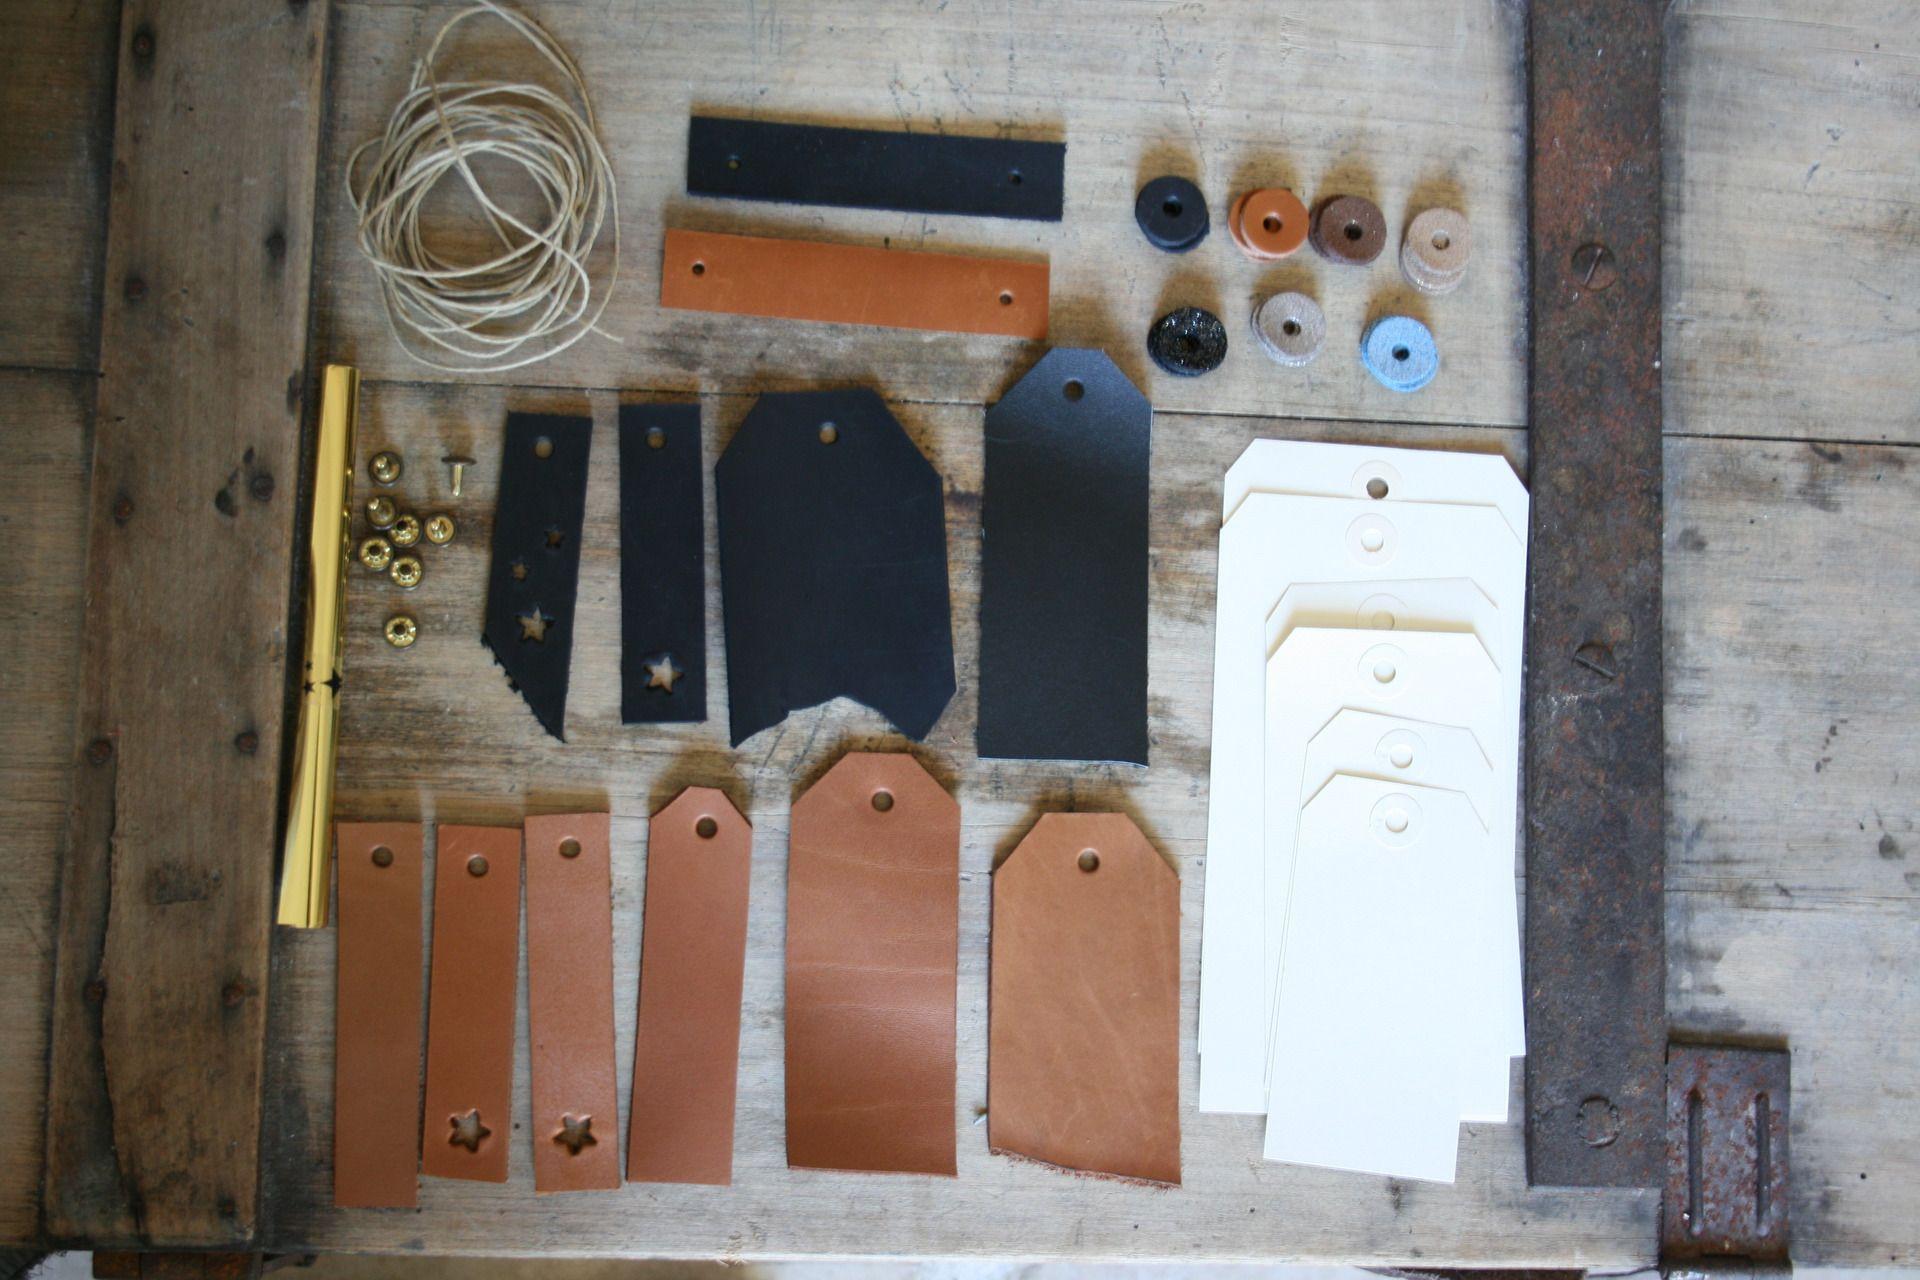 kit d'étiquettes en cuir pour emballage cadeaux